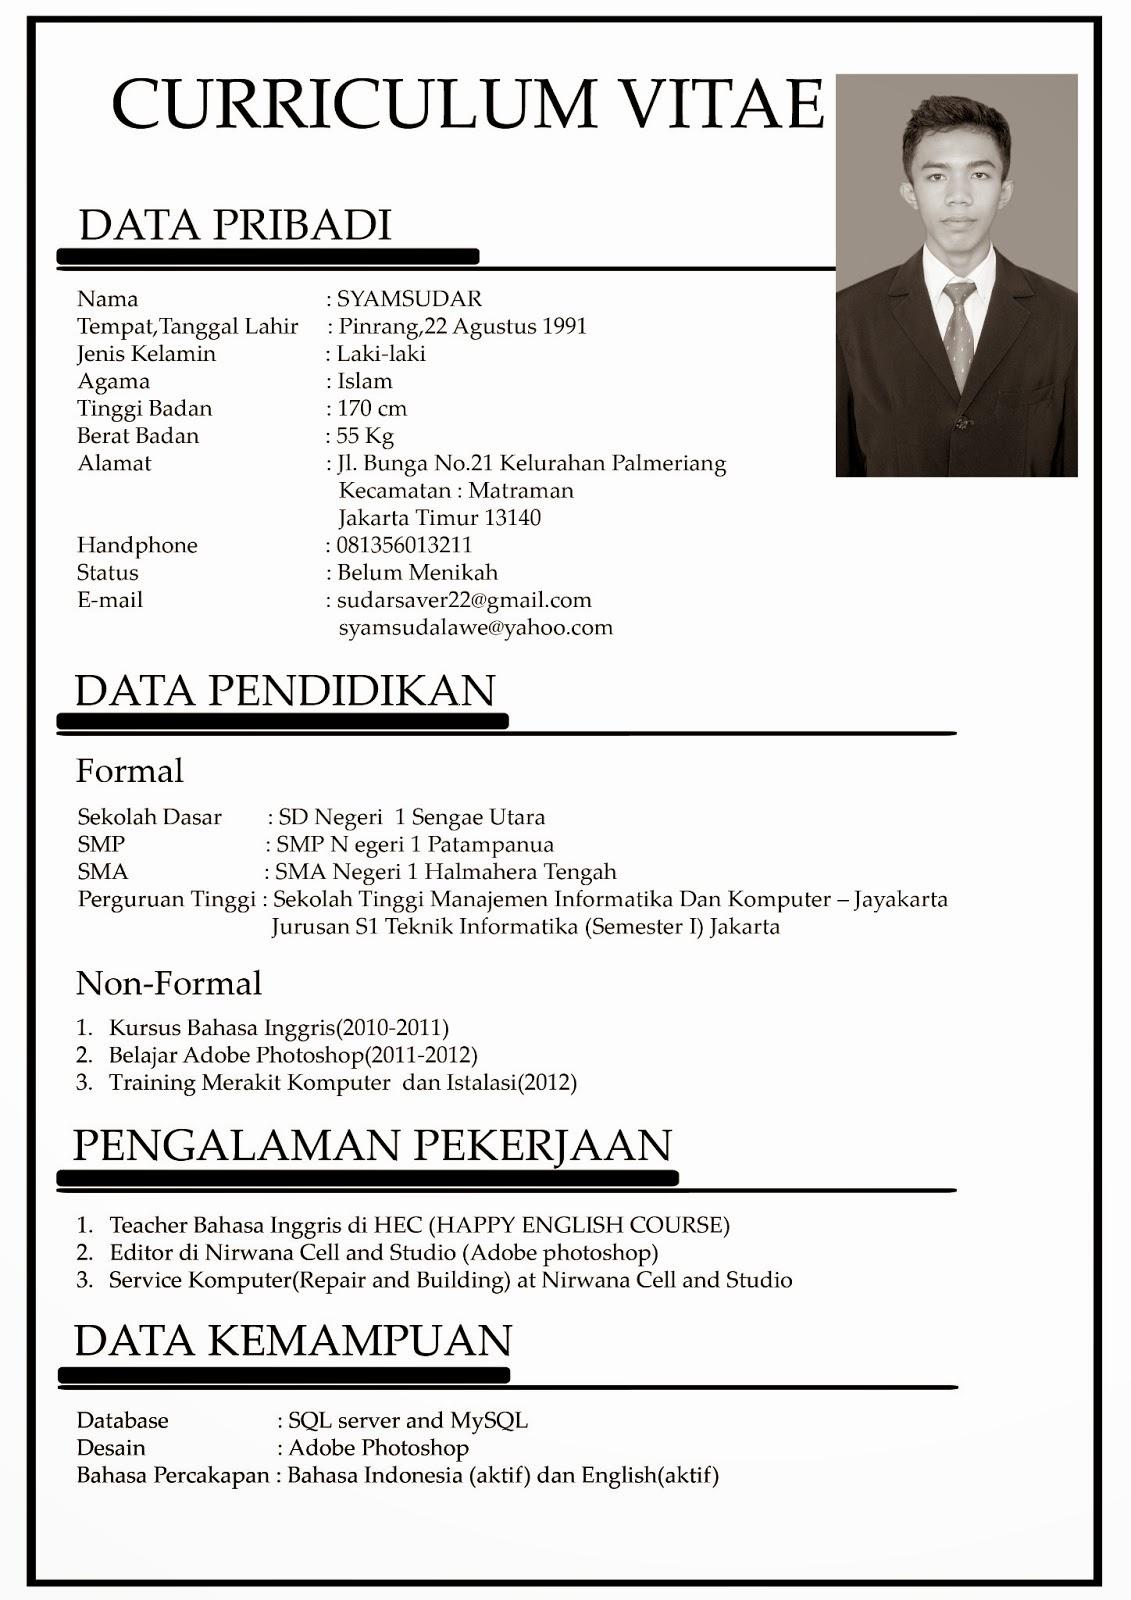 Contoh CV